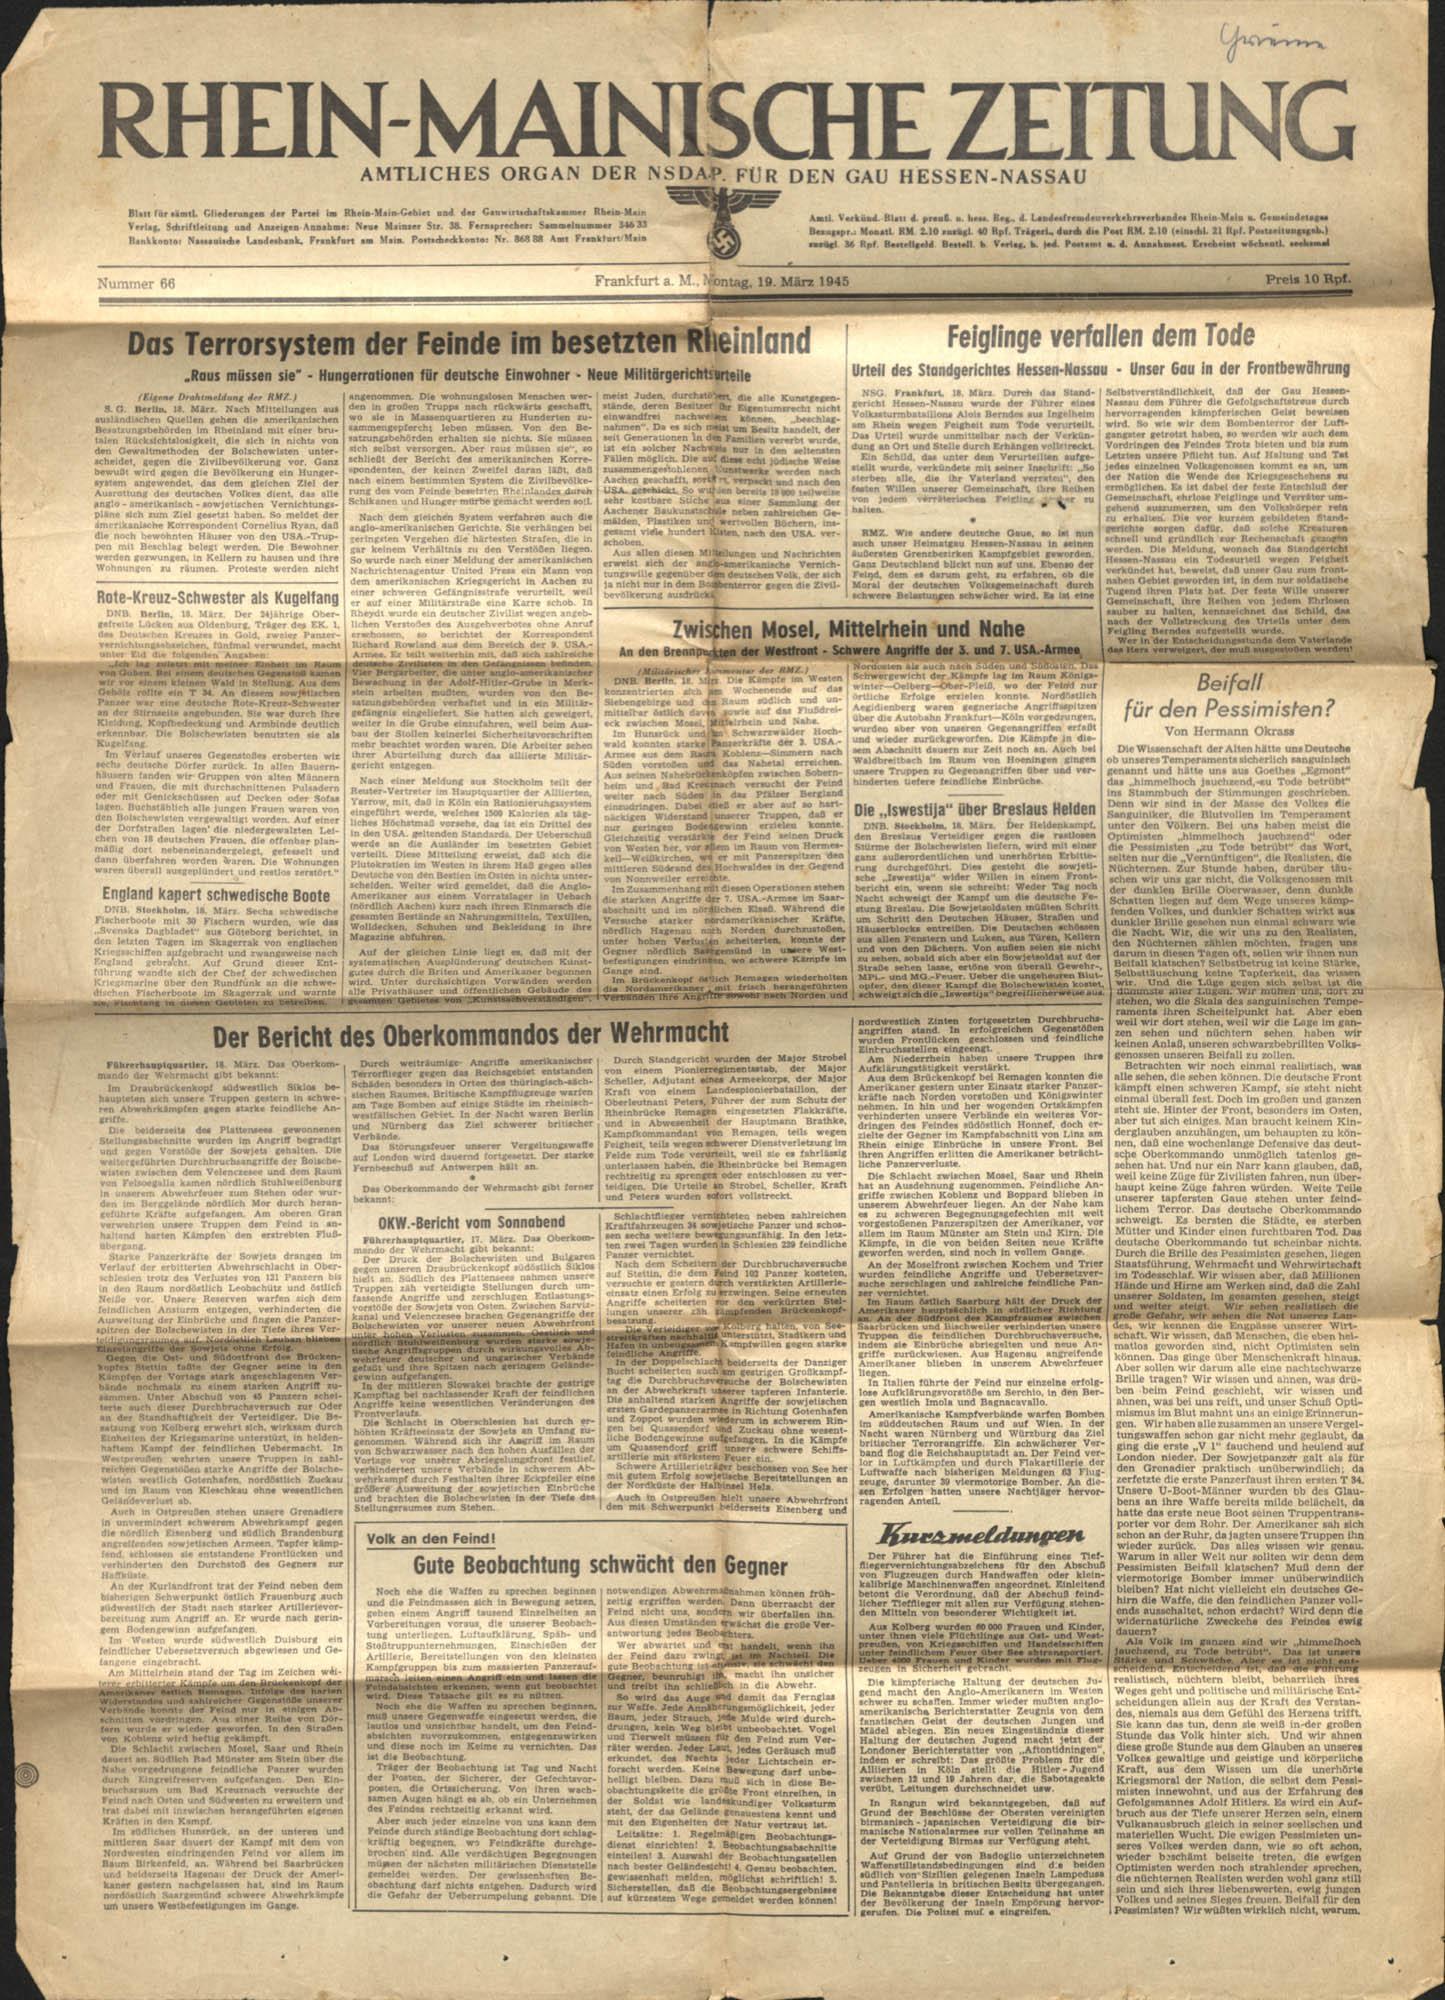 Gertrude Legendre OSS Scrapbook, 1944, Page 144b